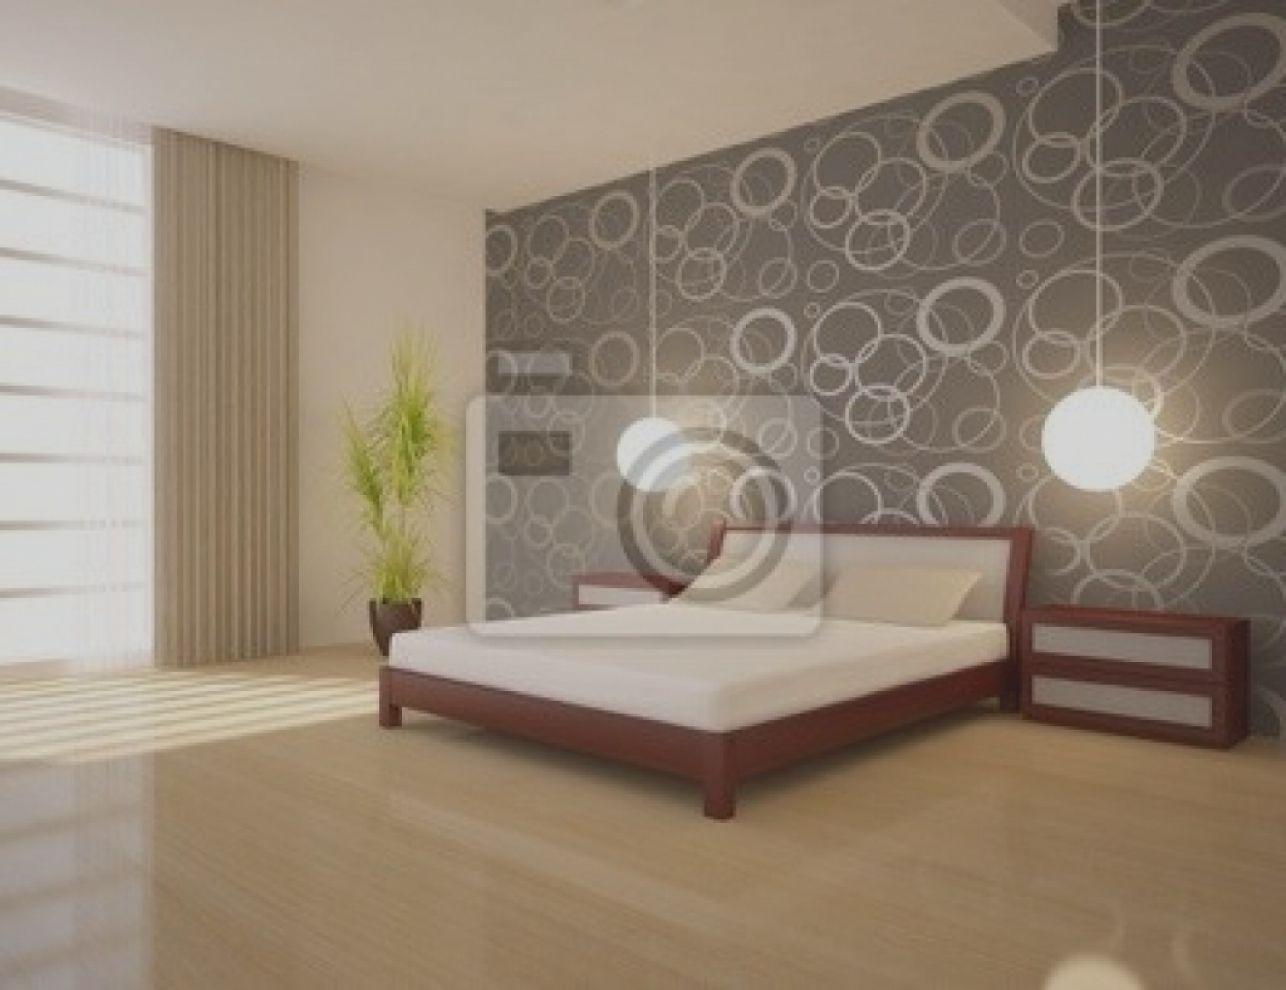 Attraktiv Moderne Tapete Für Schlafzimmer